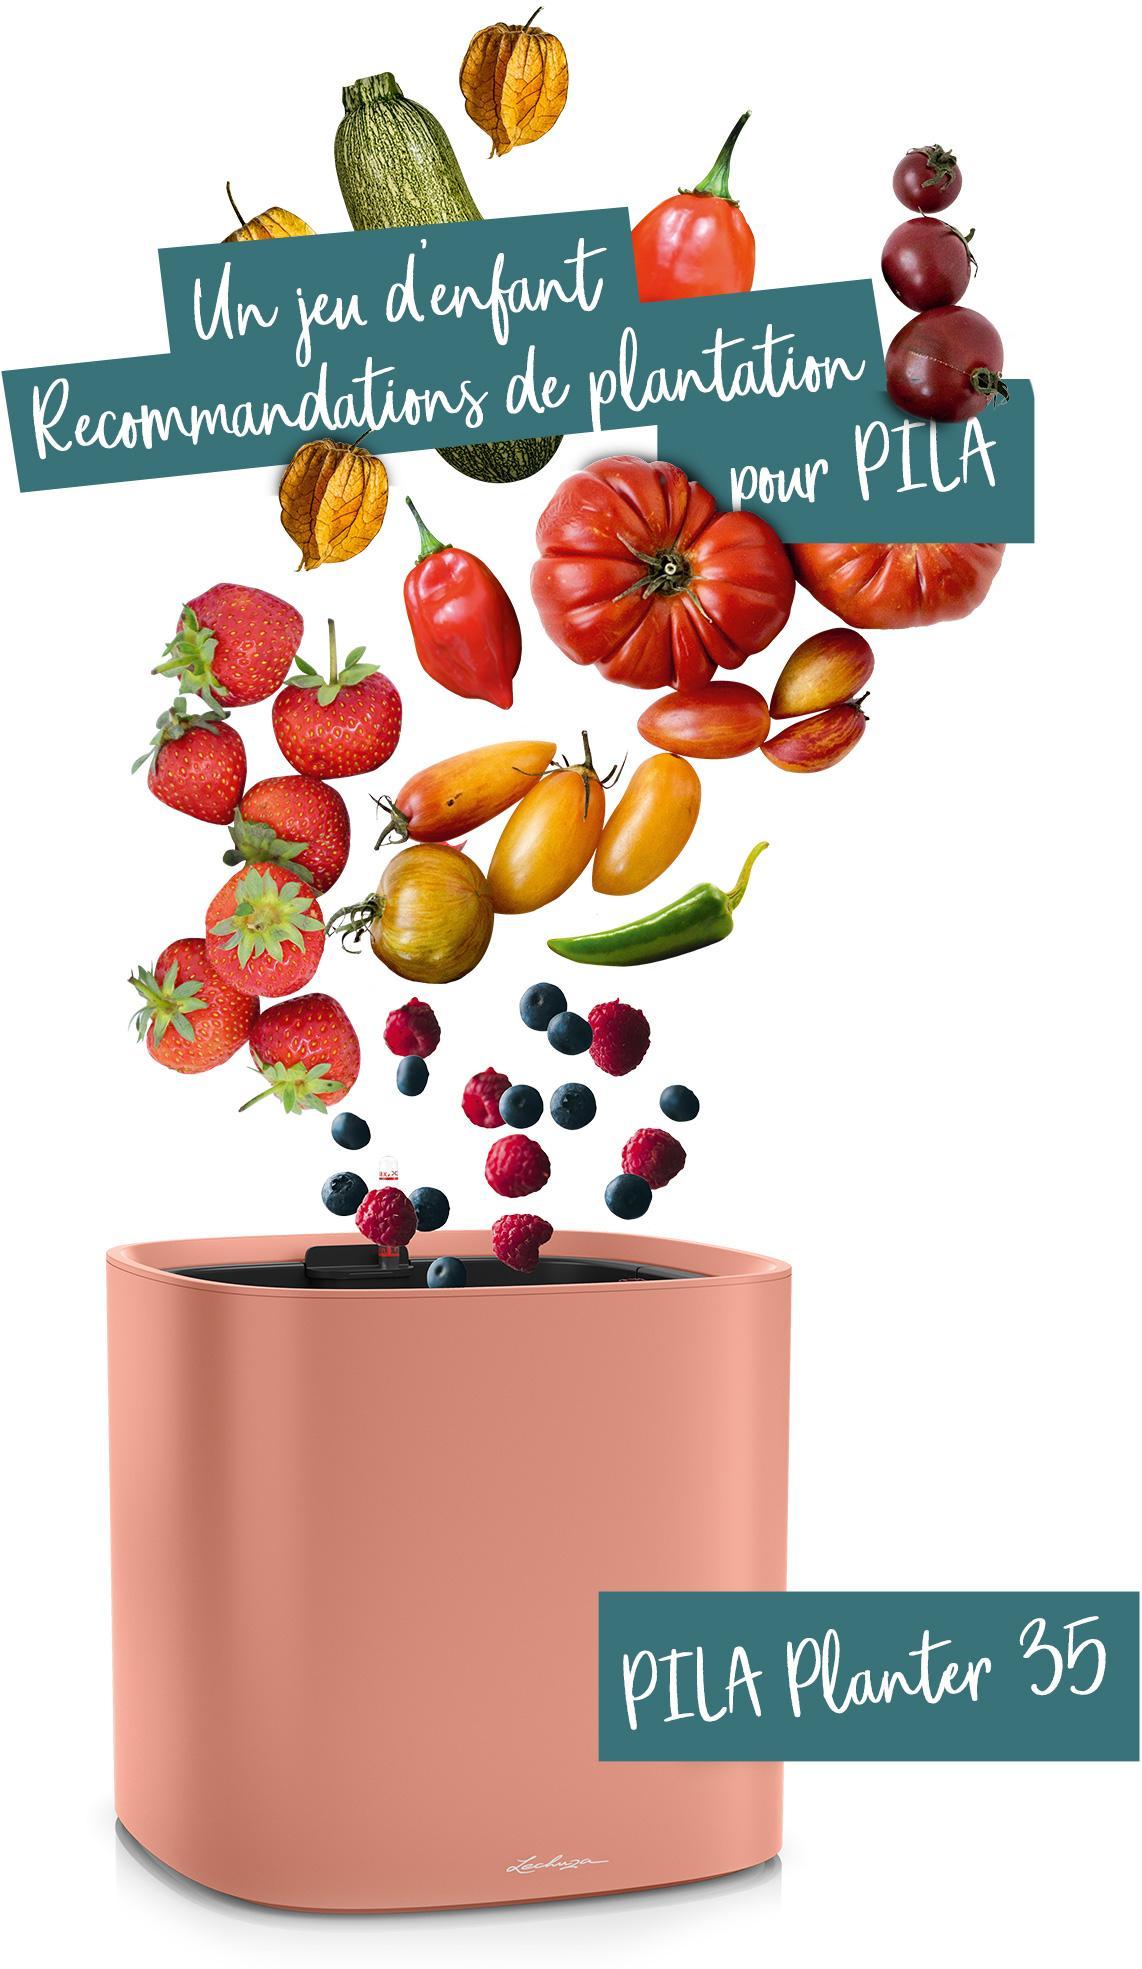 PILA Planter 35 recommandé pour les fruits et légumes